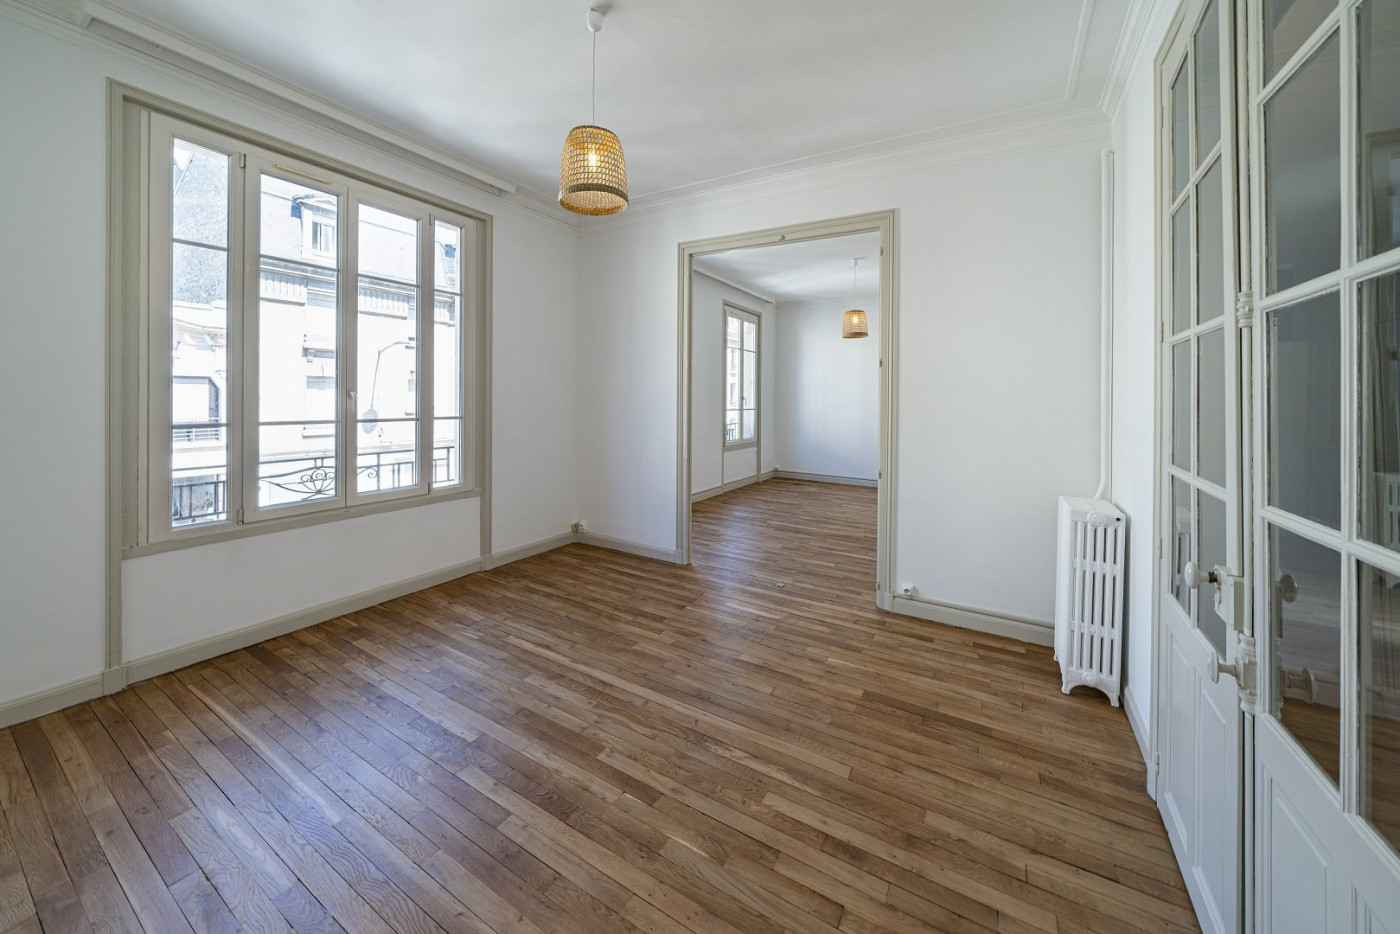 A vendre  Reims | Réf 51001340 - D-ker immo